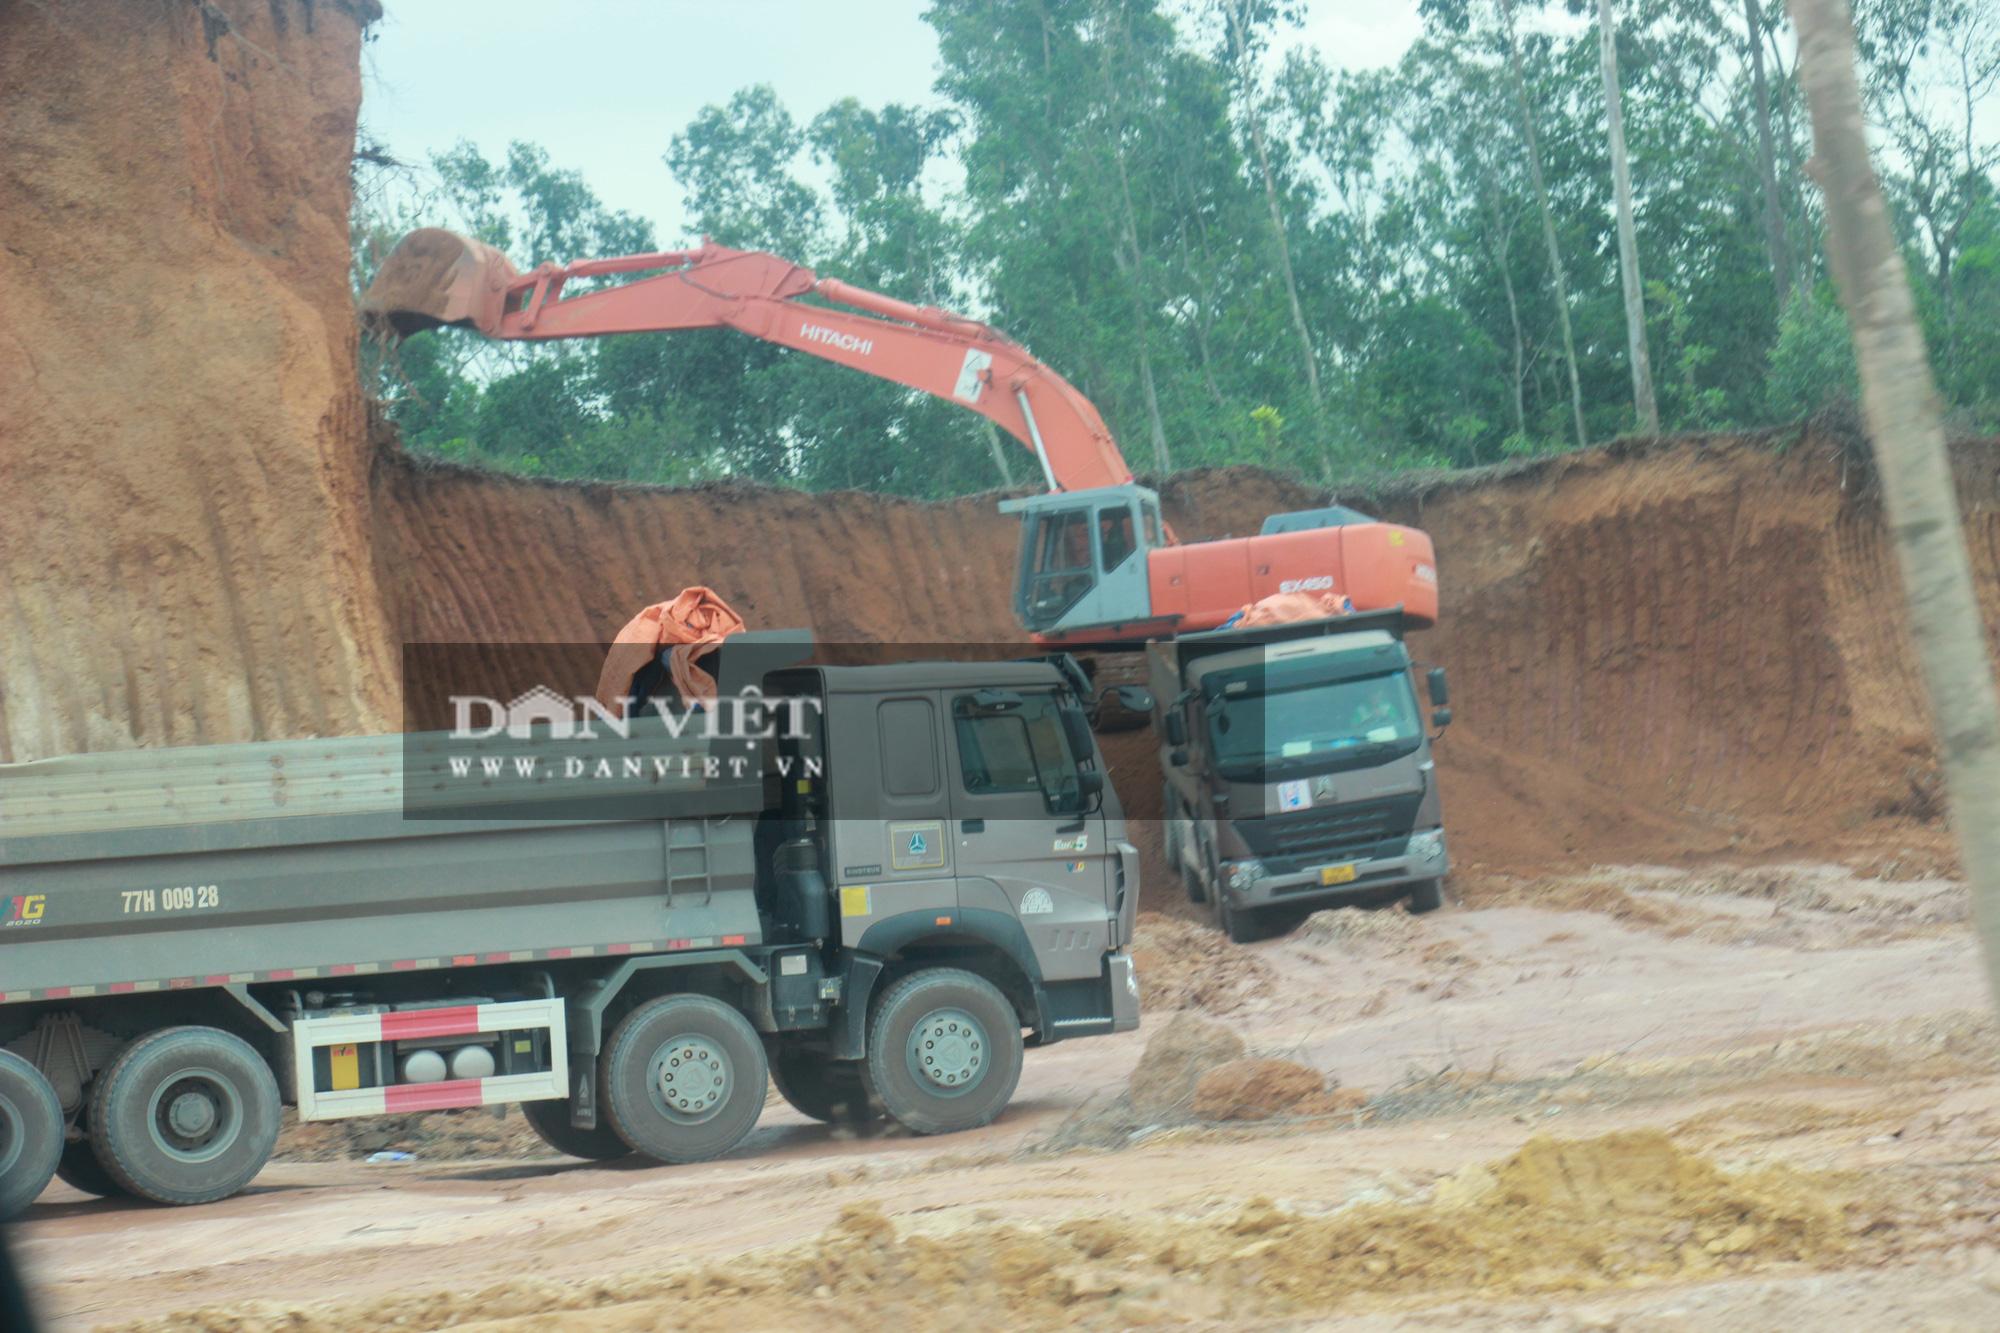 """Bình Định: Đoàn xe hổ vồ """"siêu tải"""" Bá Sanh Đường tung hoành - Ảnh 3."""